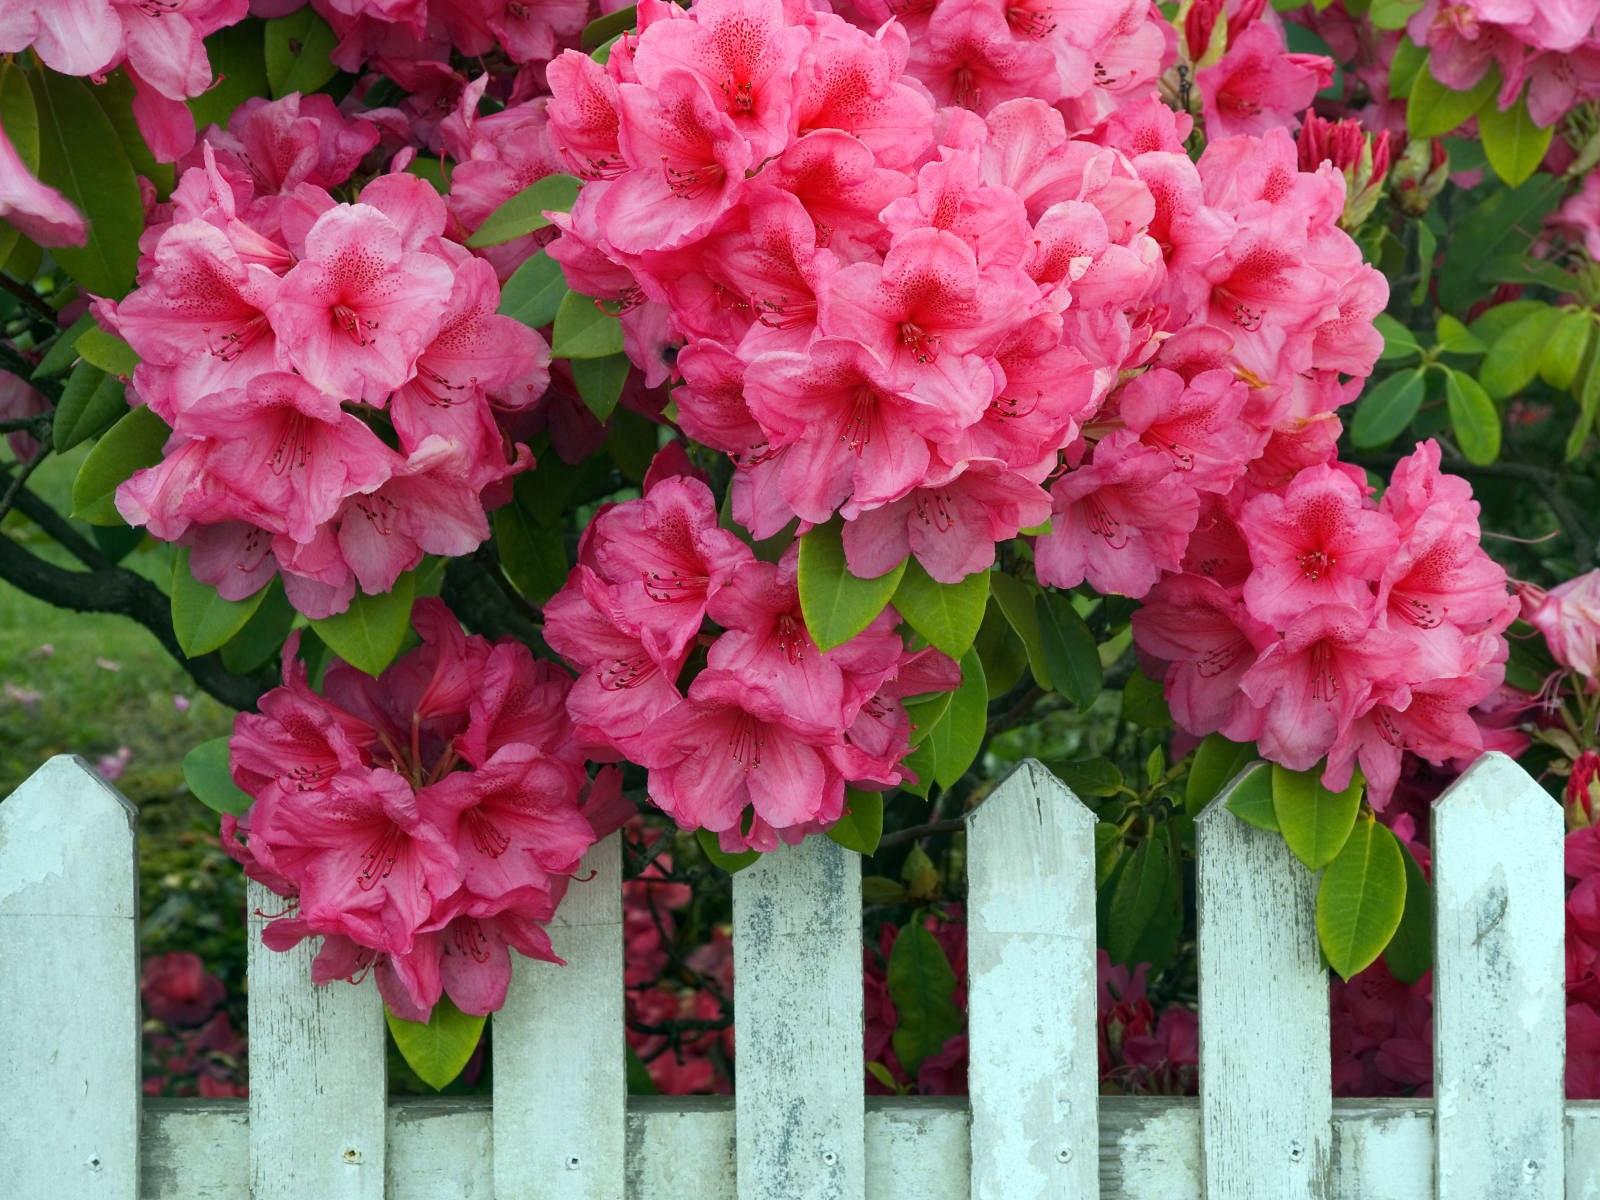 Розовые цветы рододендрона в саду